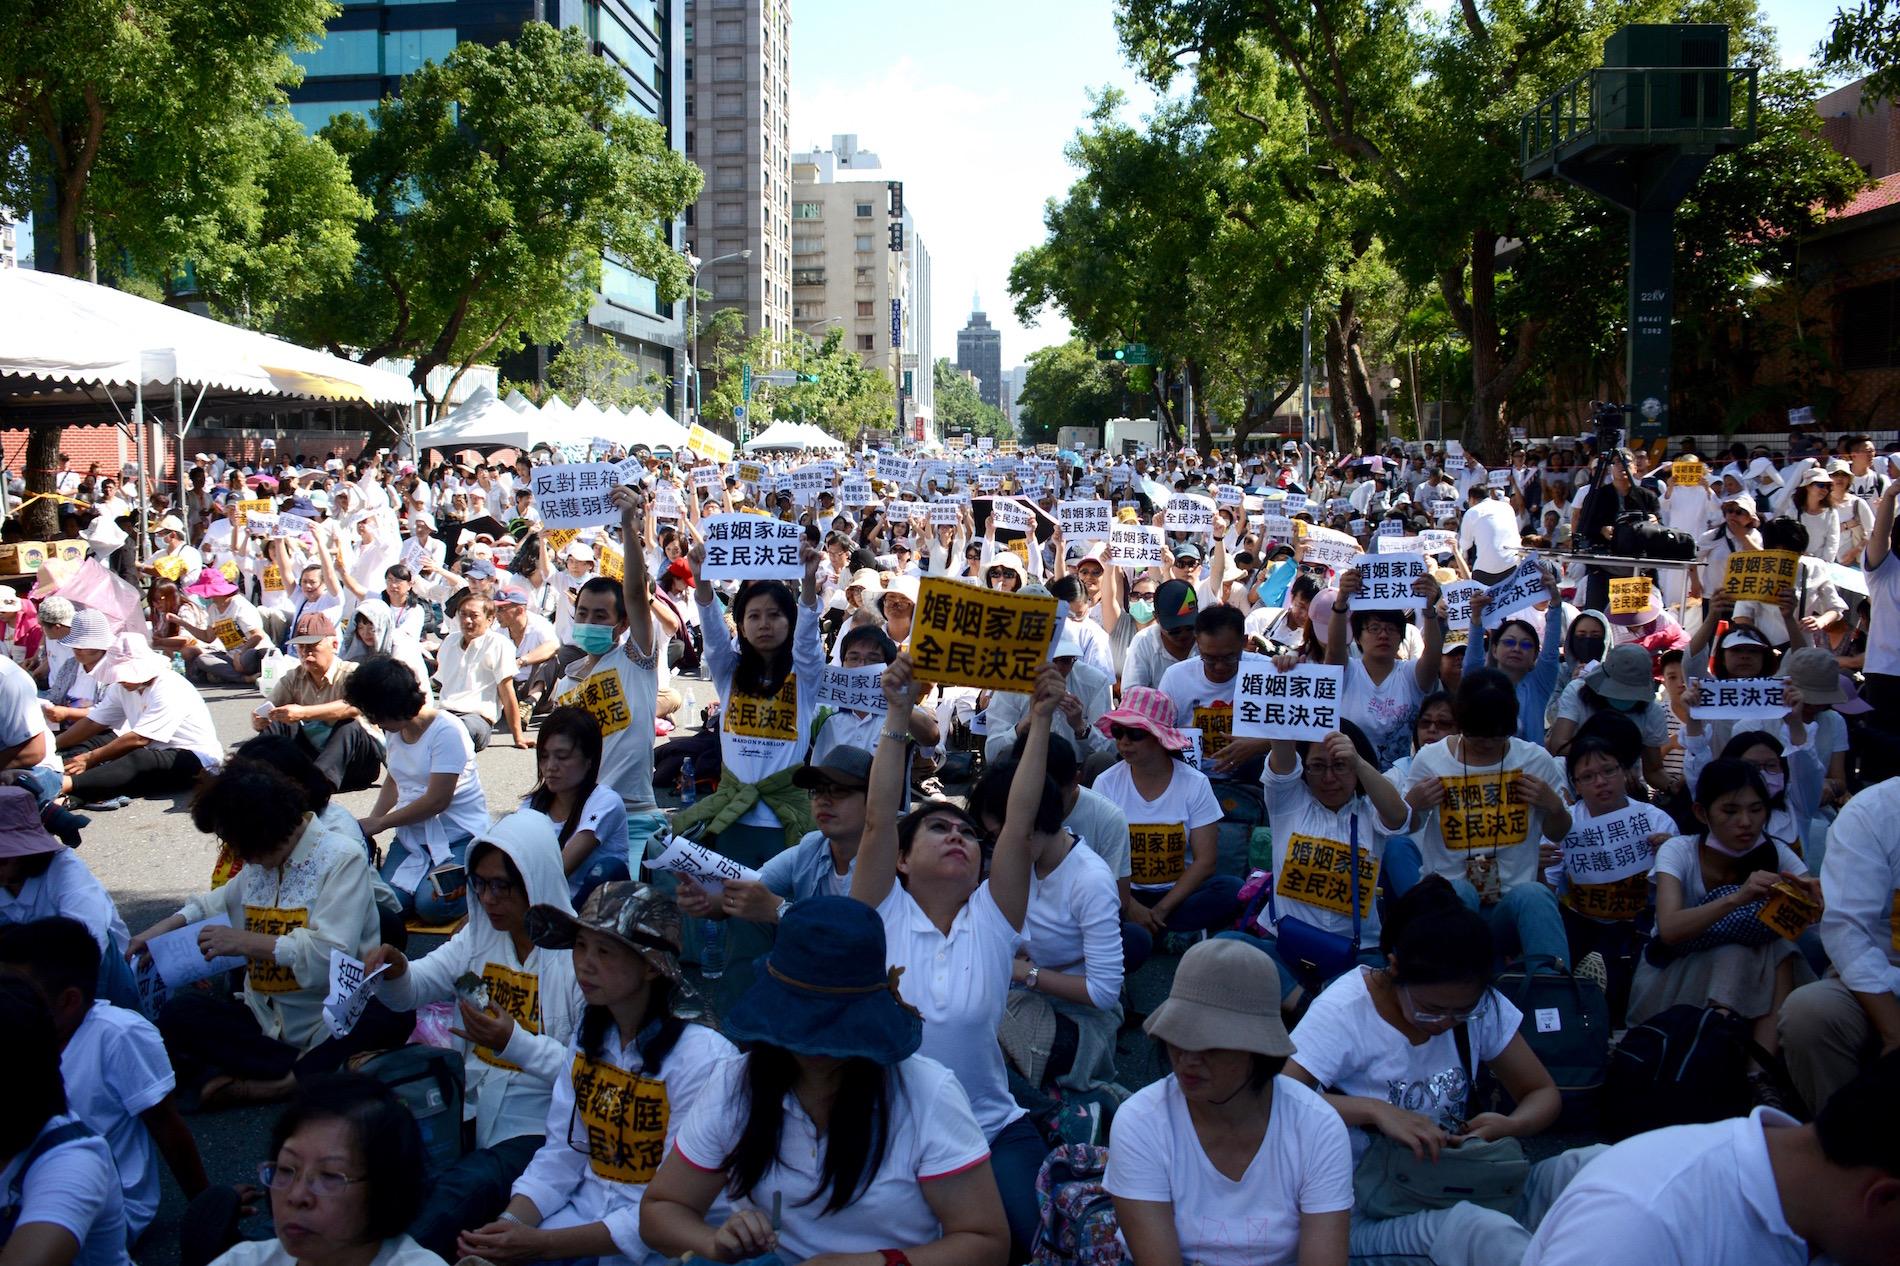 台灣同志婚姻反對民眾於立法院前聚集抗議